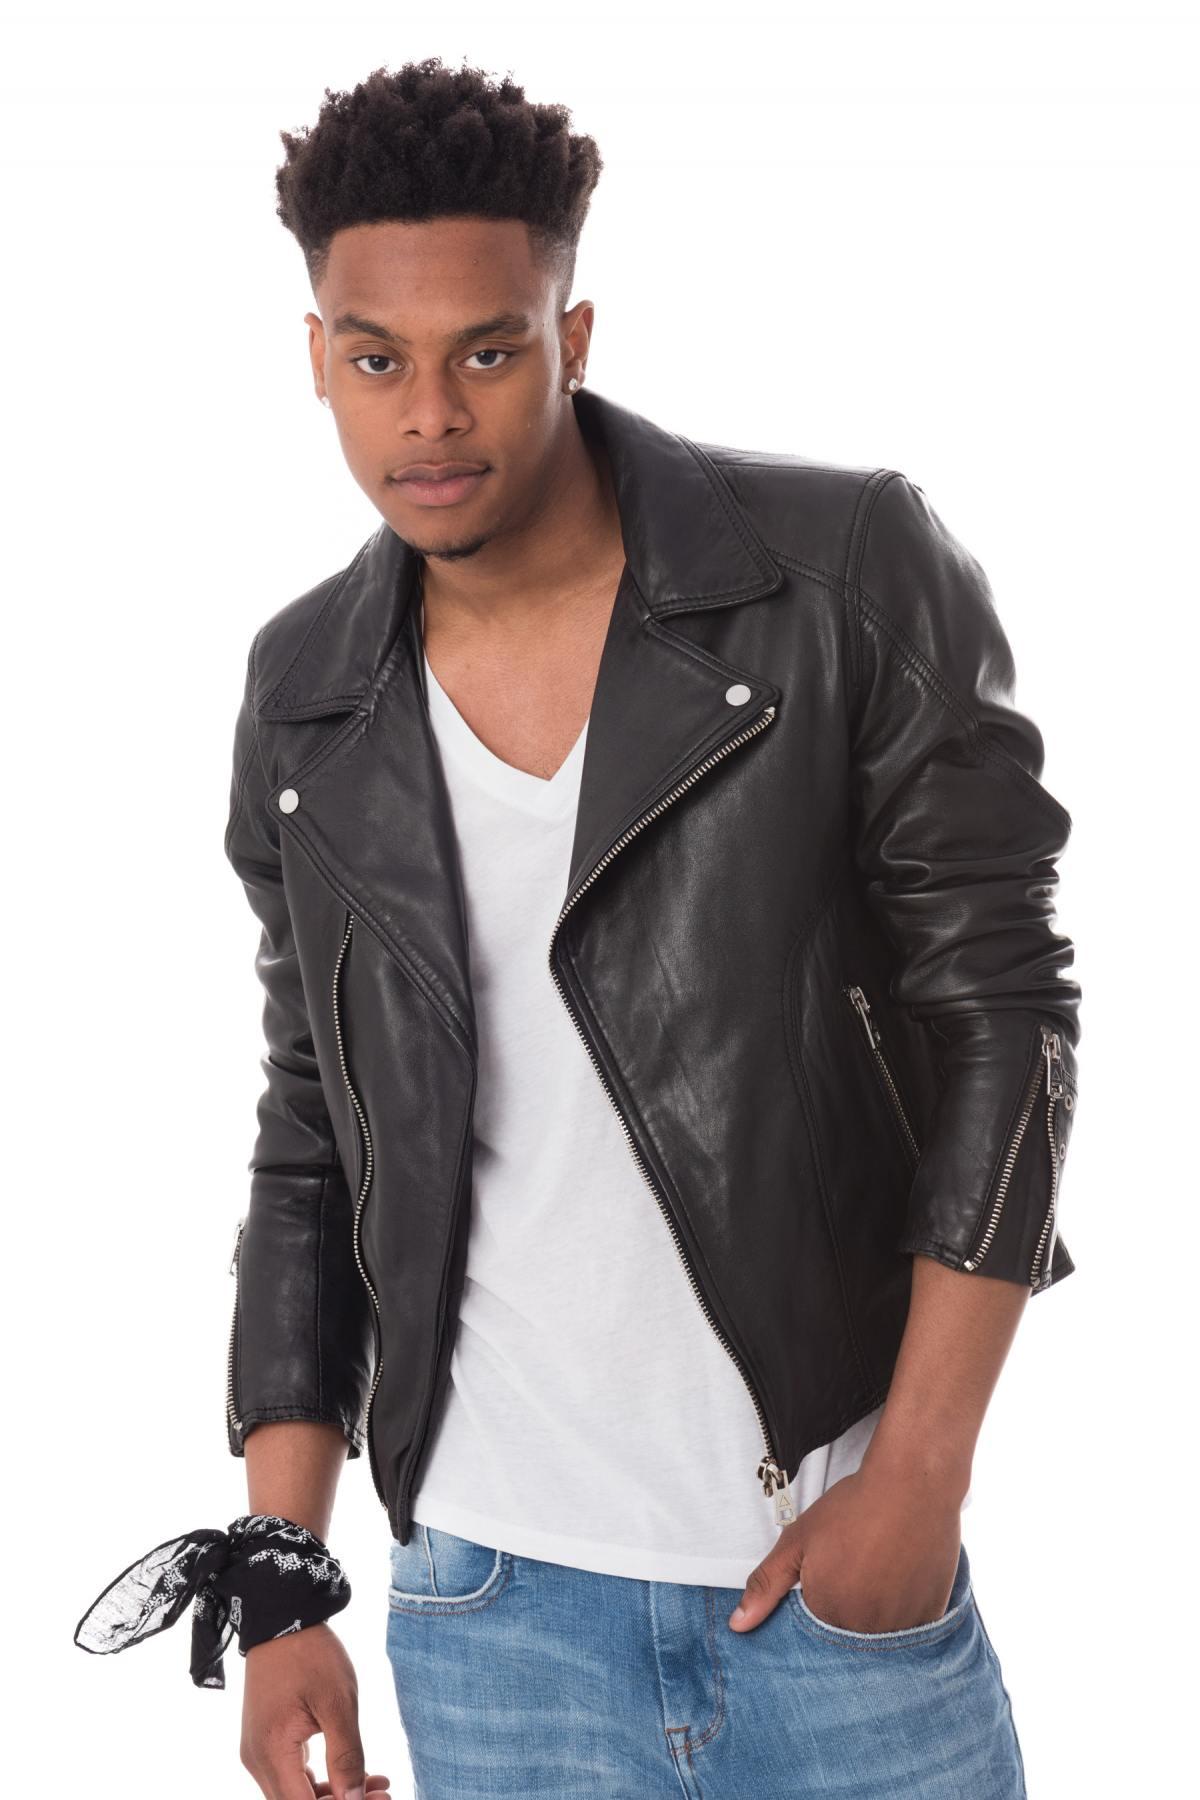 Serge Man Pariente Black Cuir Perf Homme Blouson 5Fxg5p